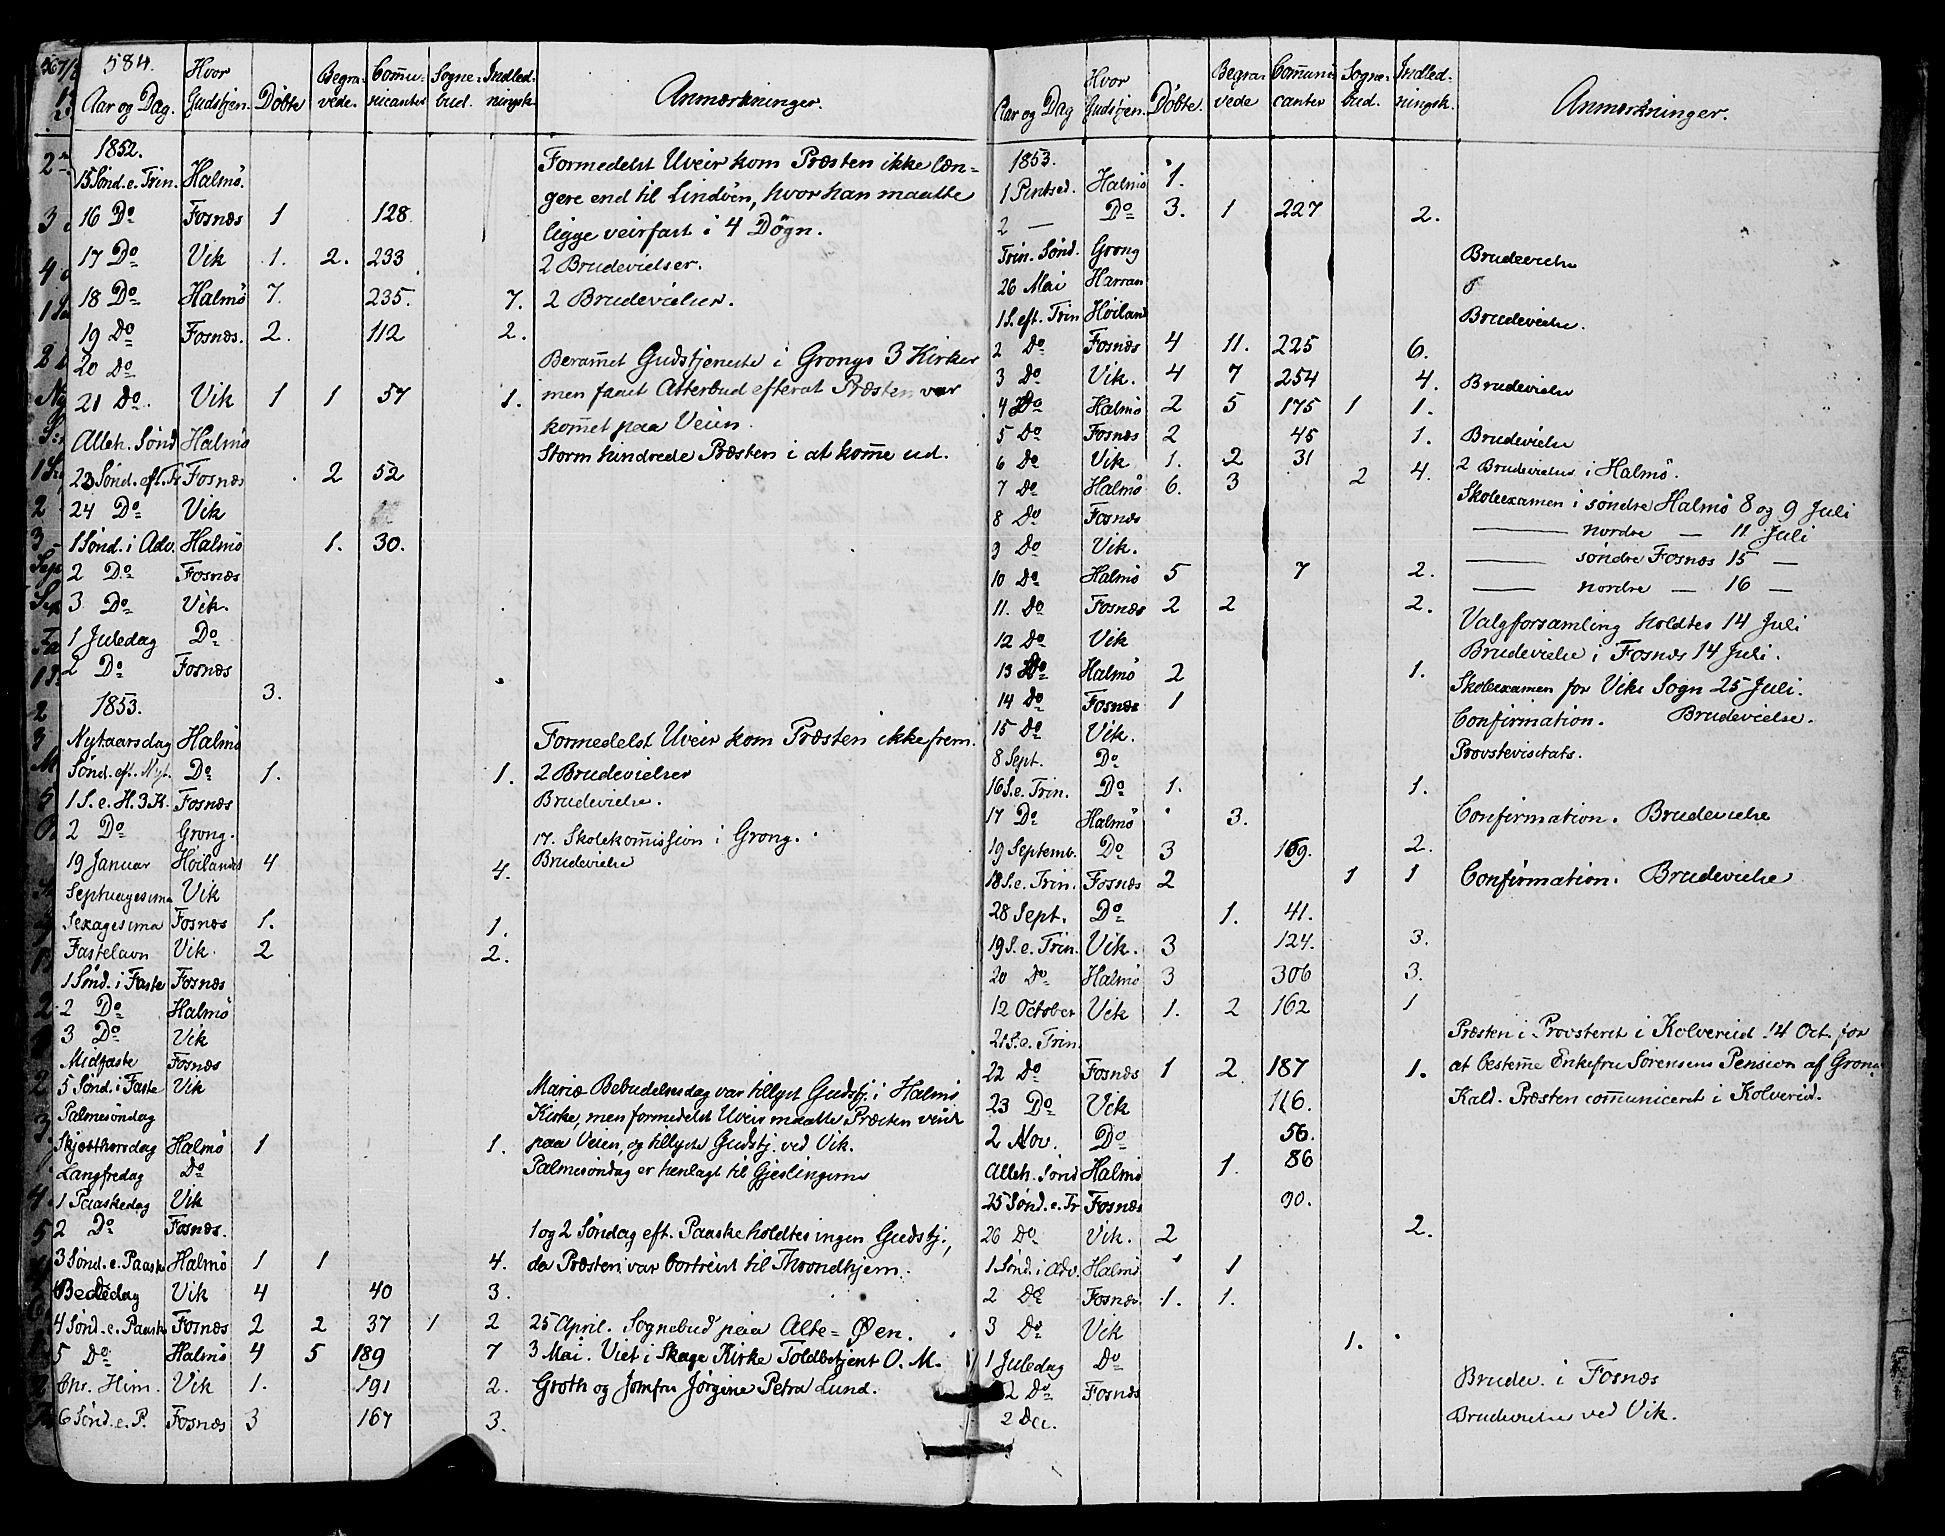 SAT, Ministerialprotokoller, klokkerbøker og fødselsregistre - Nord-Trøndelag, 773/L0614: Ministerialbok nr. 773A05, 1831-1856, s. 584